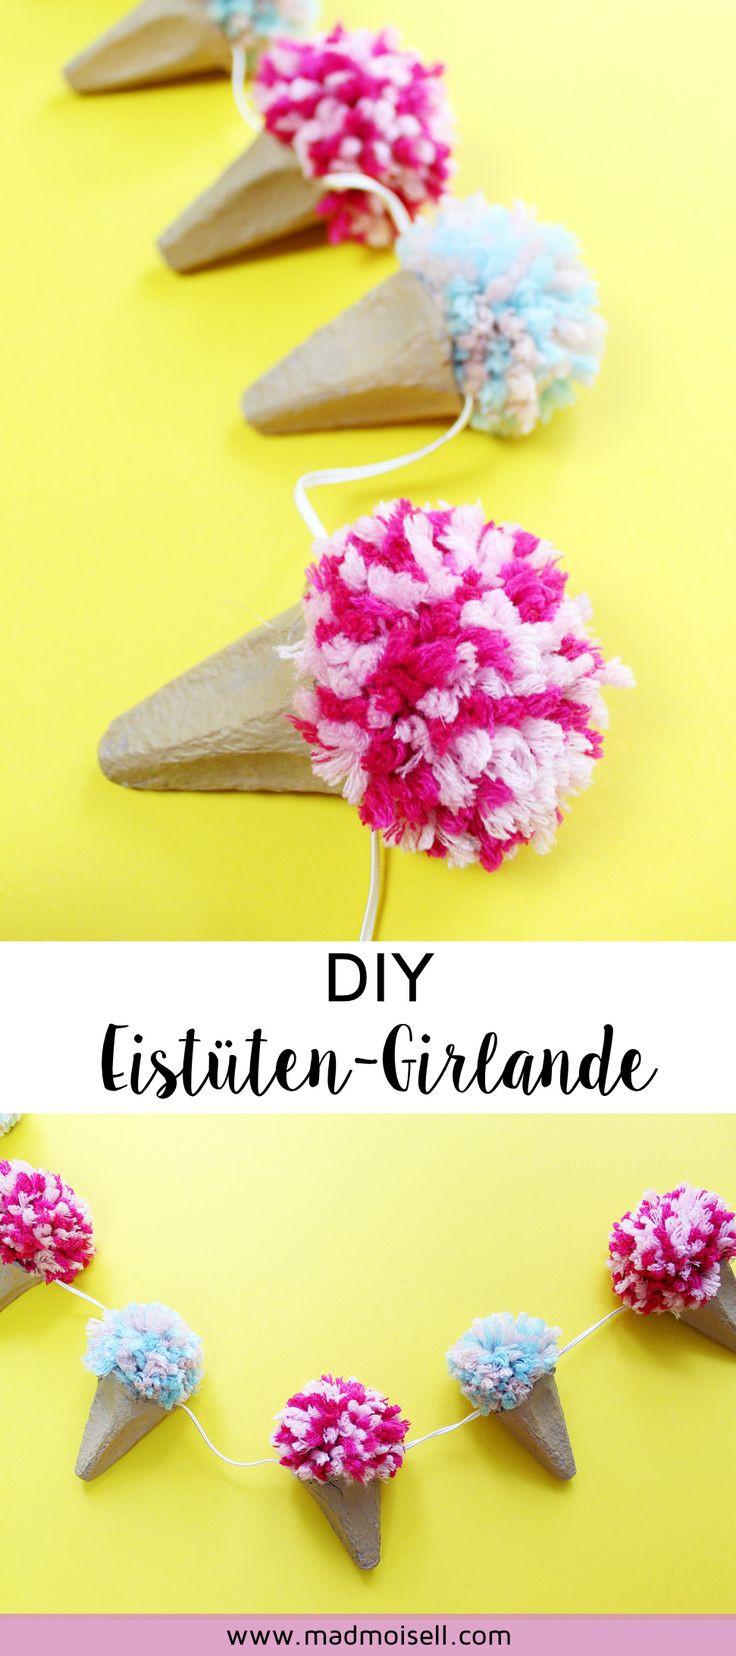 Girlande Diy  Die 25 besten Ideen zu Bastelideen sommer auf Pinterest